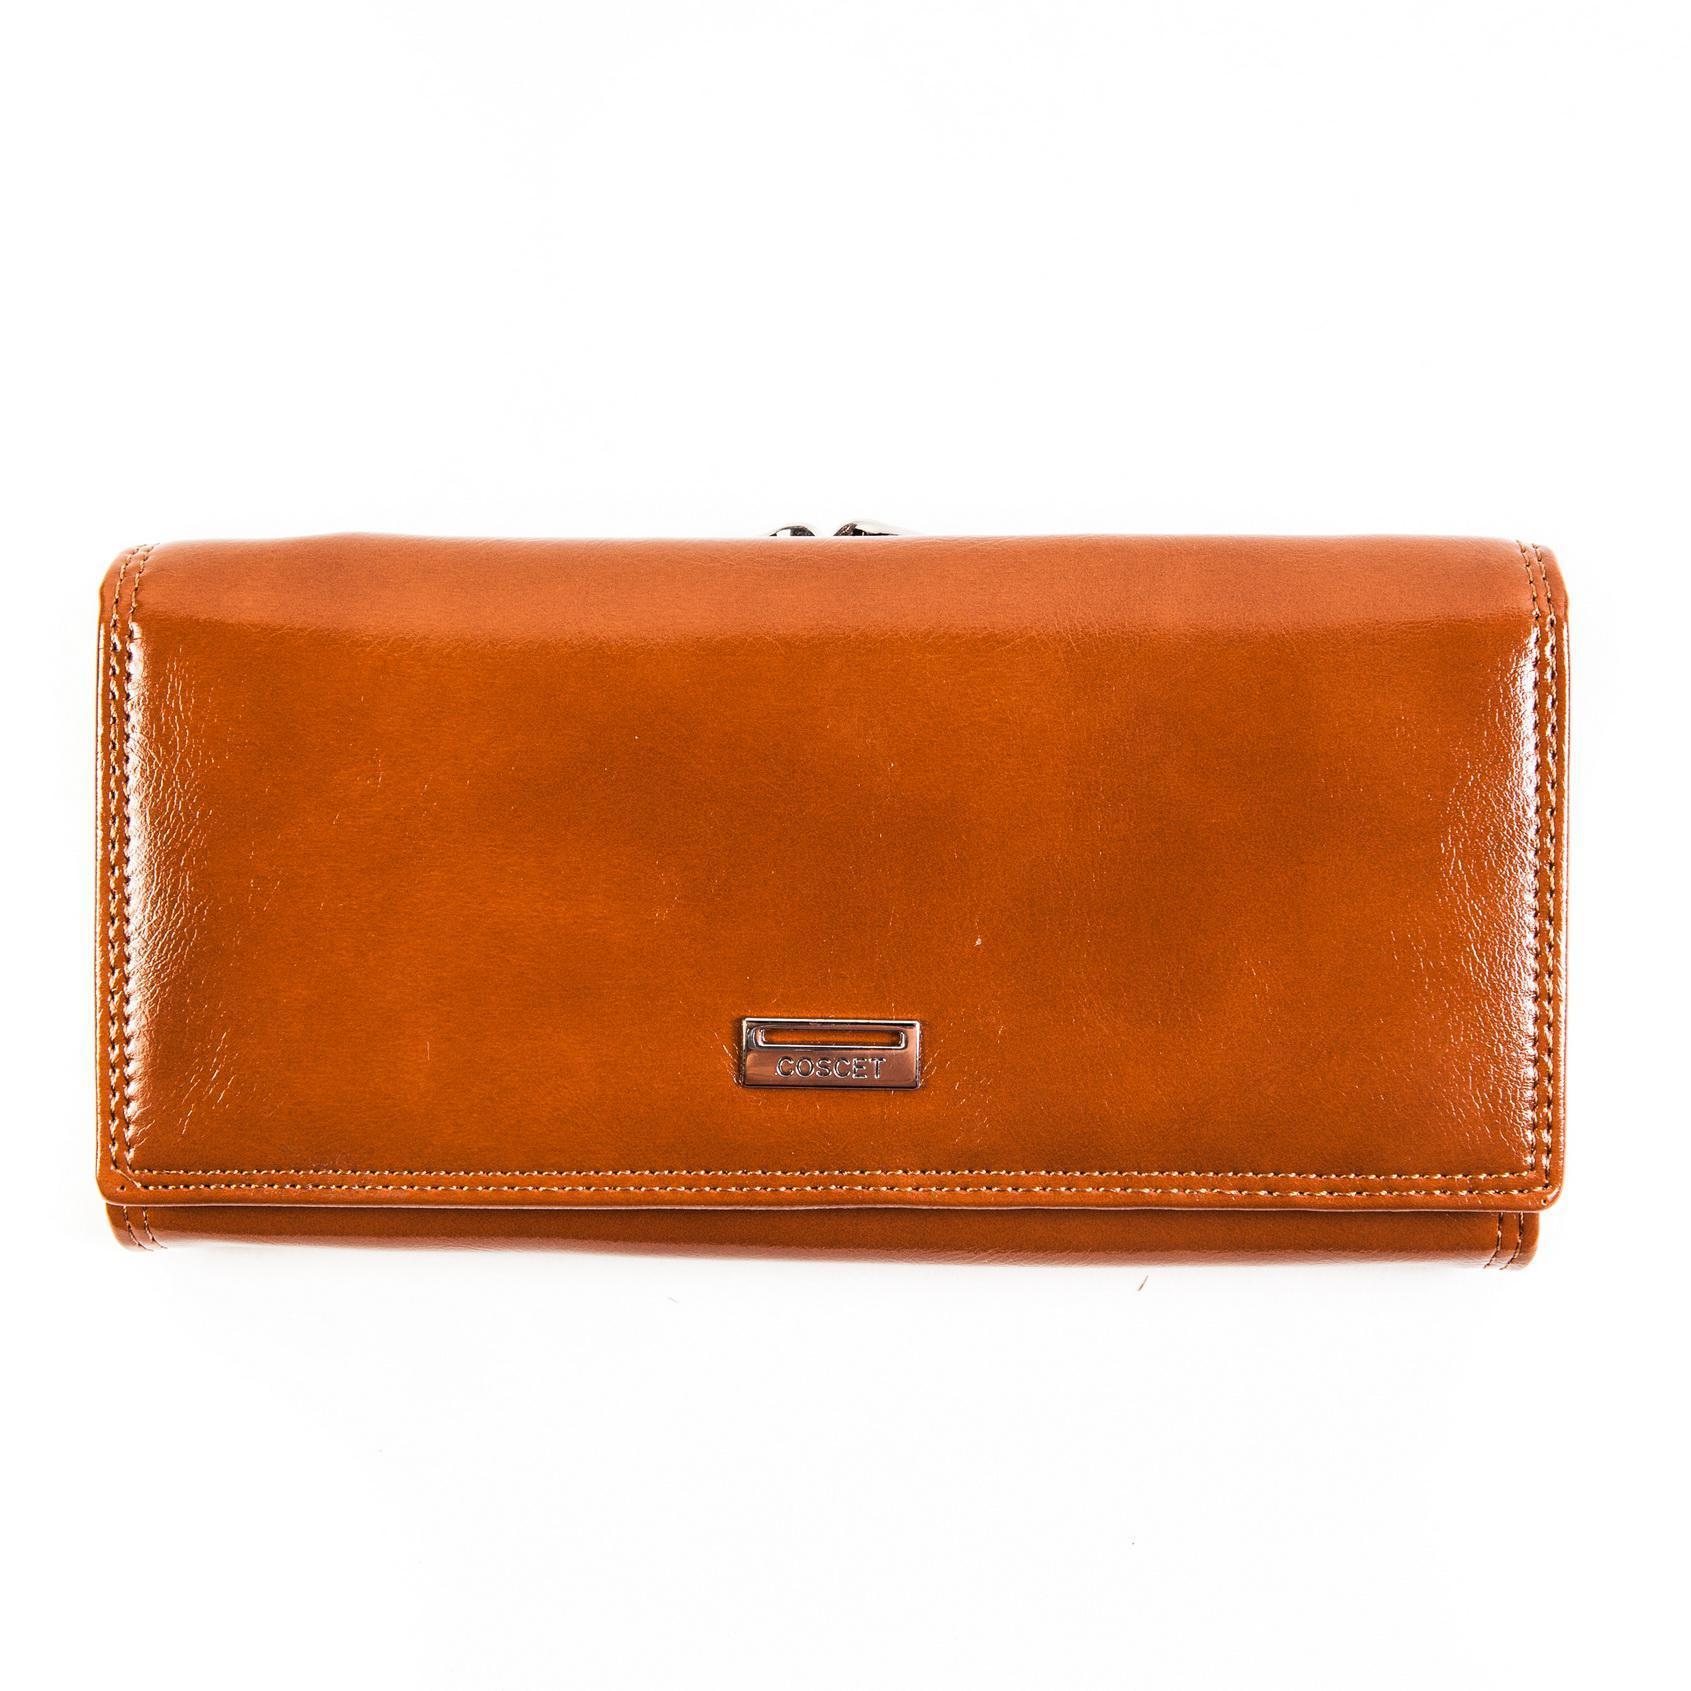 Стильный оранжевый женский кошелёк из из искусственной кожи с 3 большими отделениями, двойным отделением в отдельной монетнице, 2 потайными карманами, окошком для пропуска и 8 кармашками для пластиковых карт CS208-101D